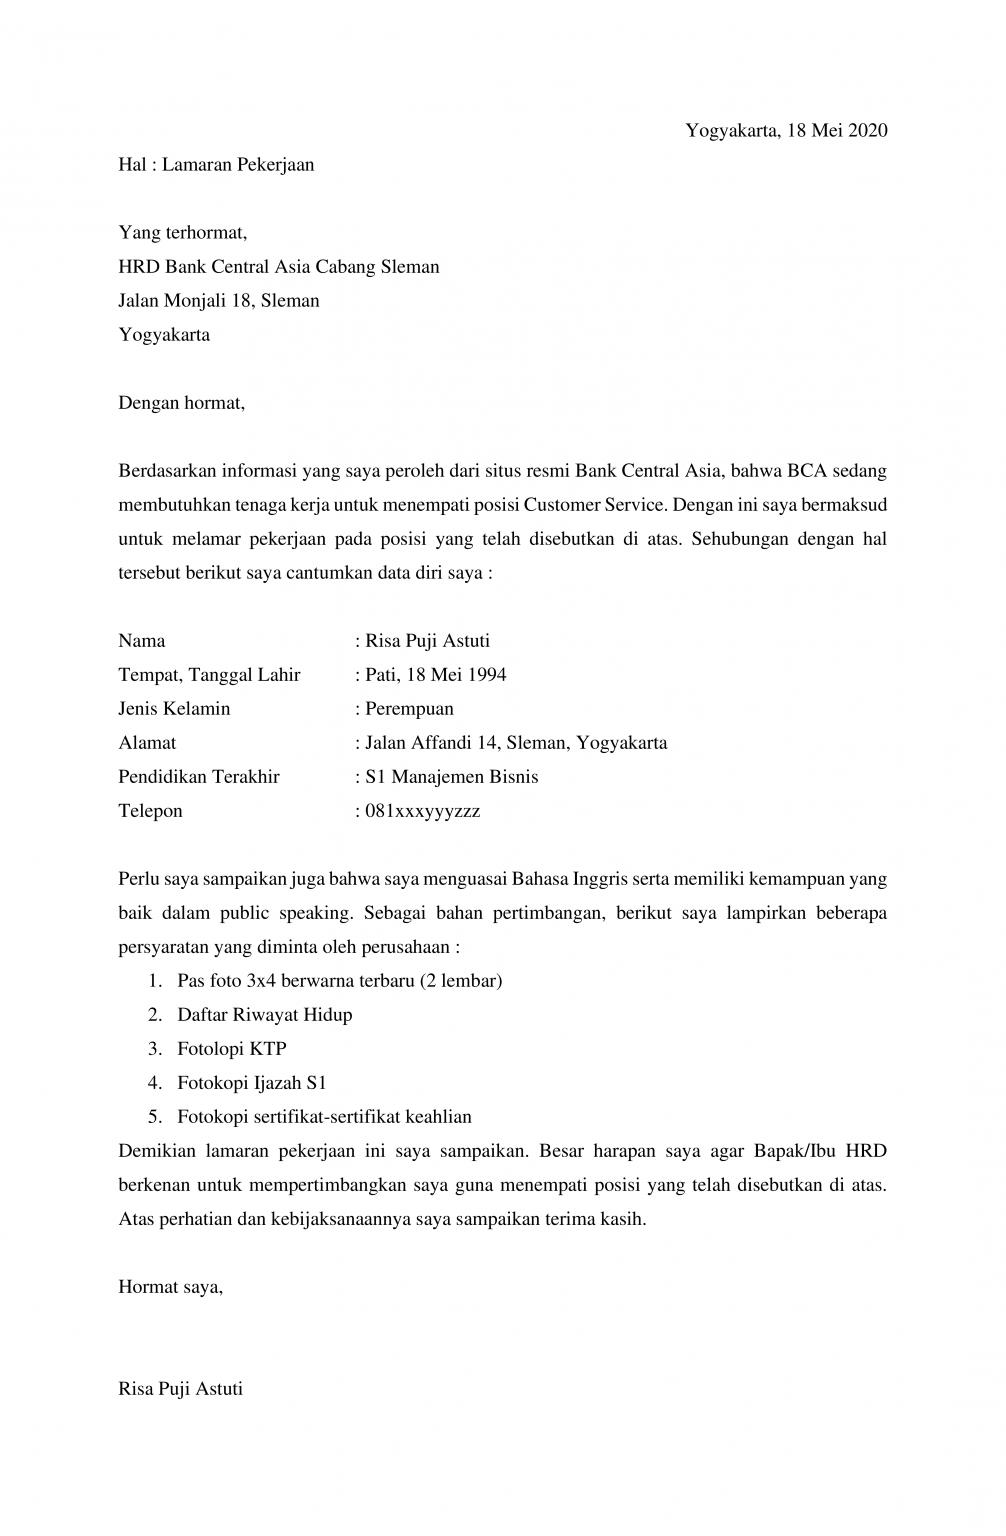 Contoh Surat Lamaran Kerja di Bank BCA - Contoh Surat